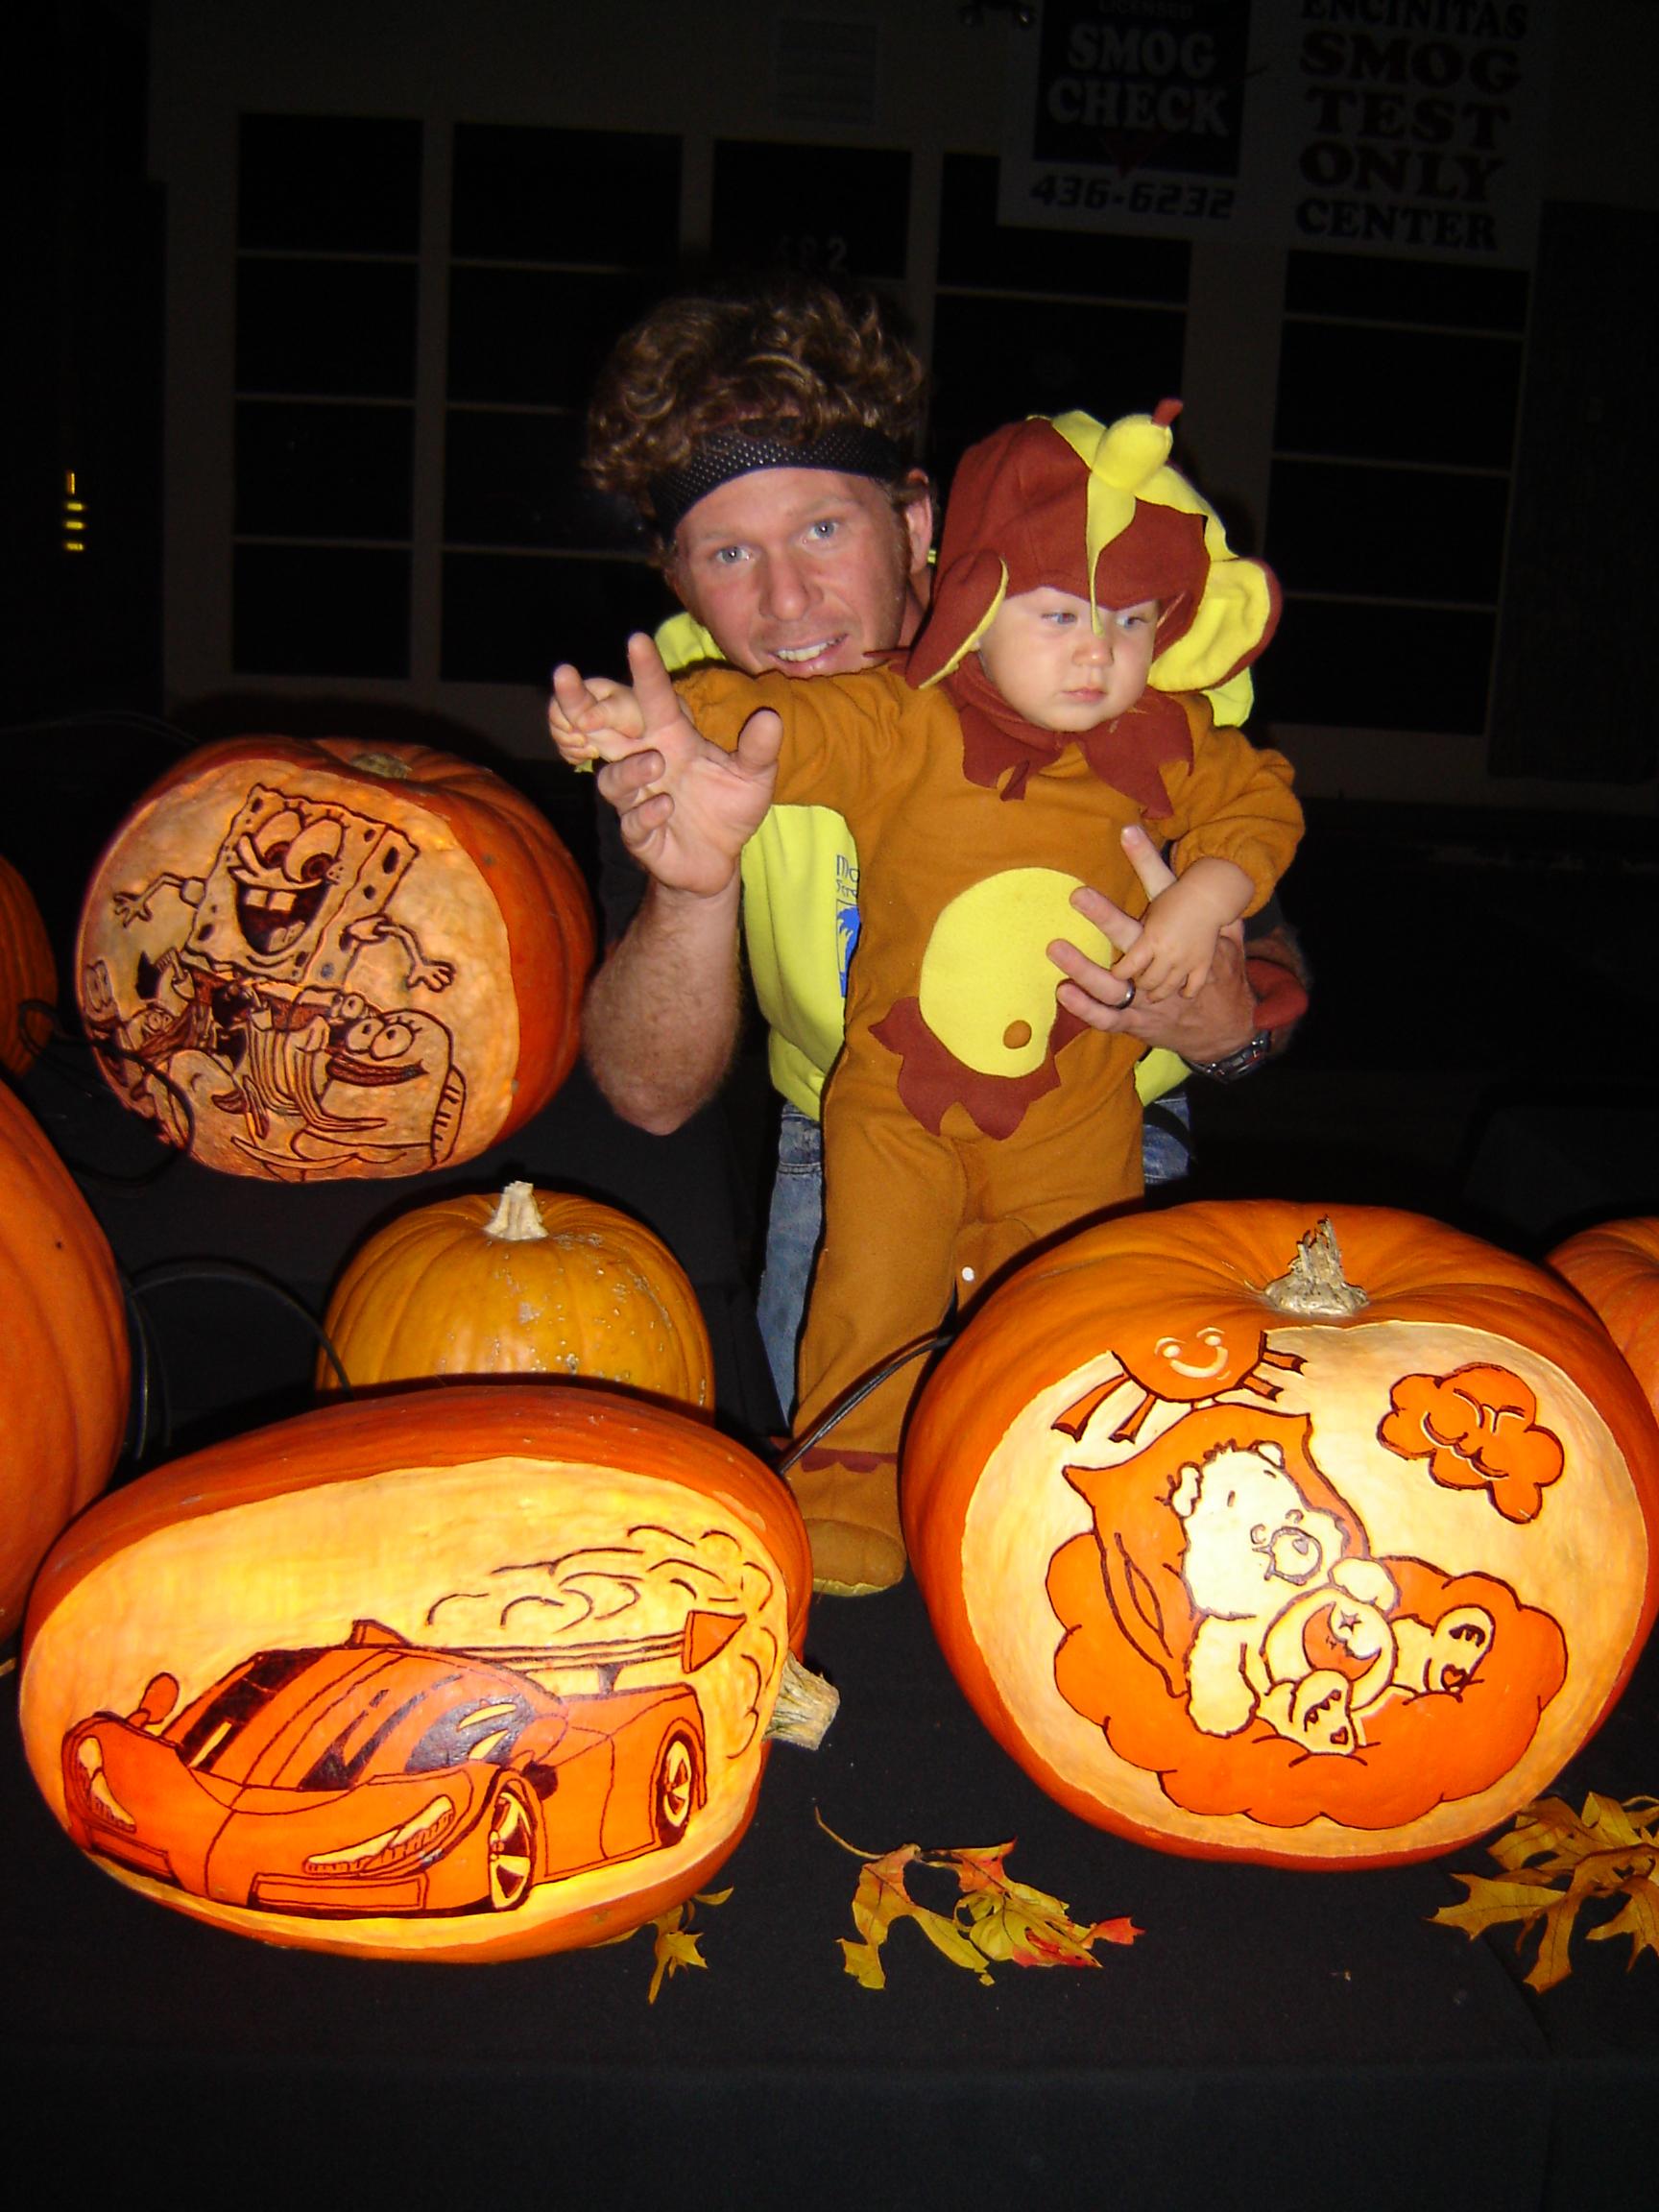 Ethan's 1st Halloween